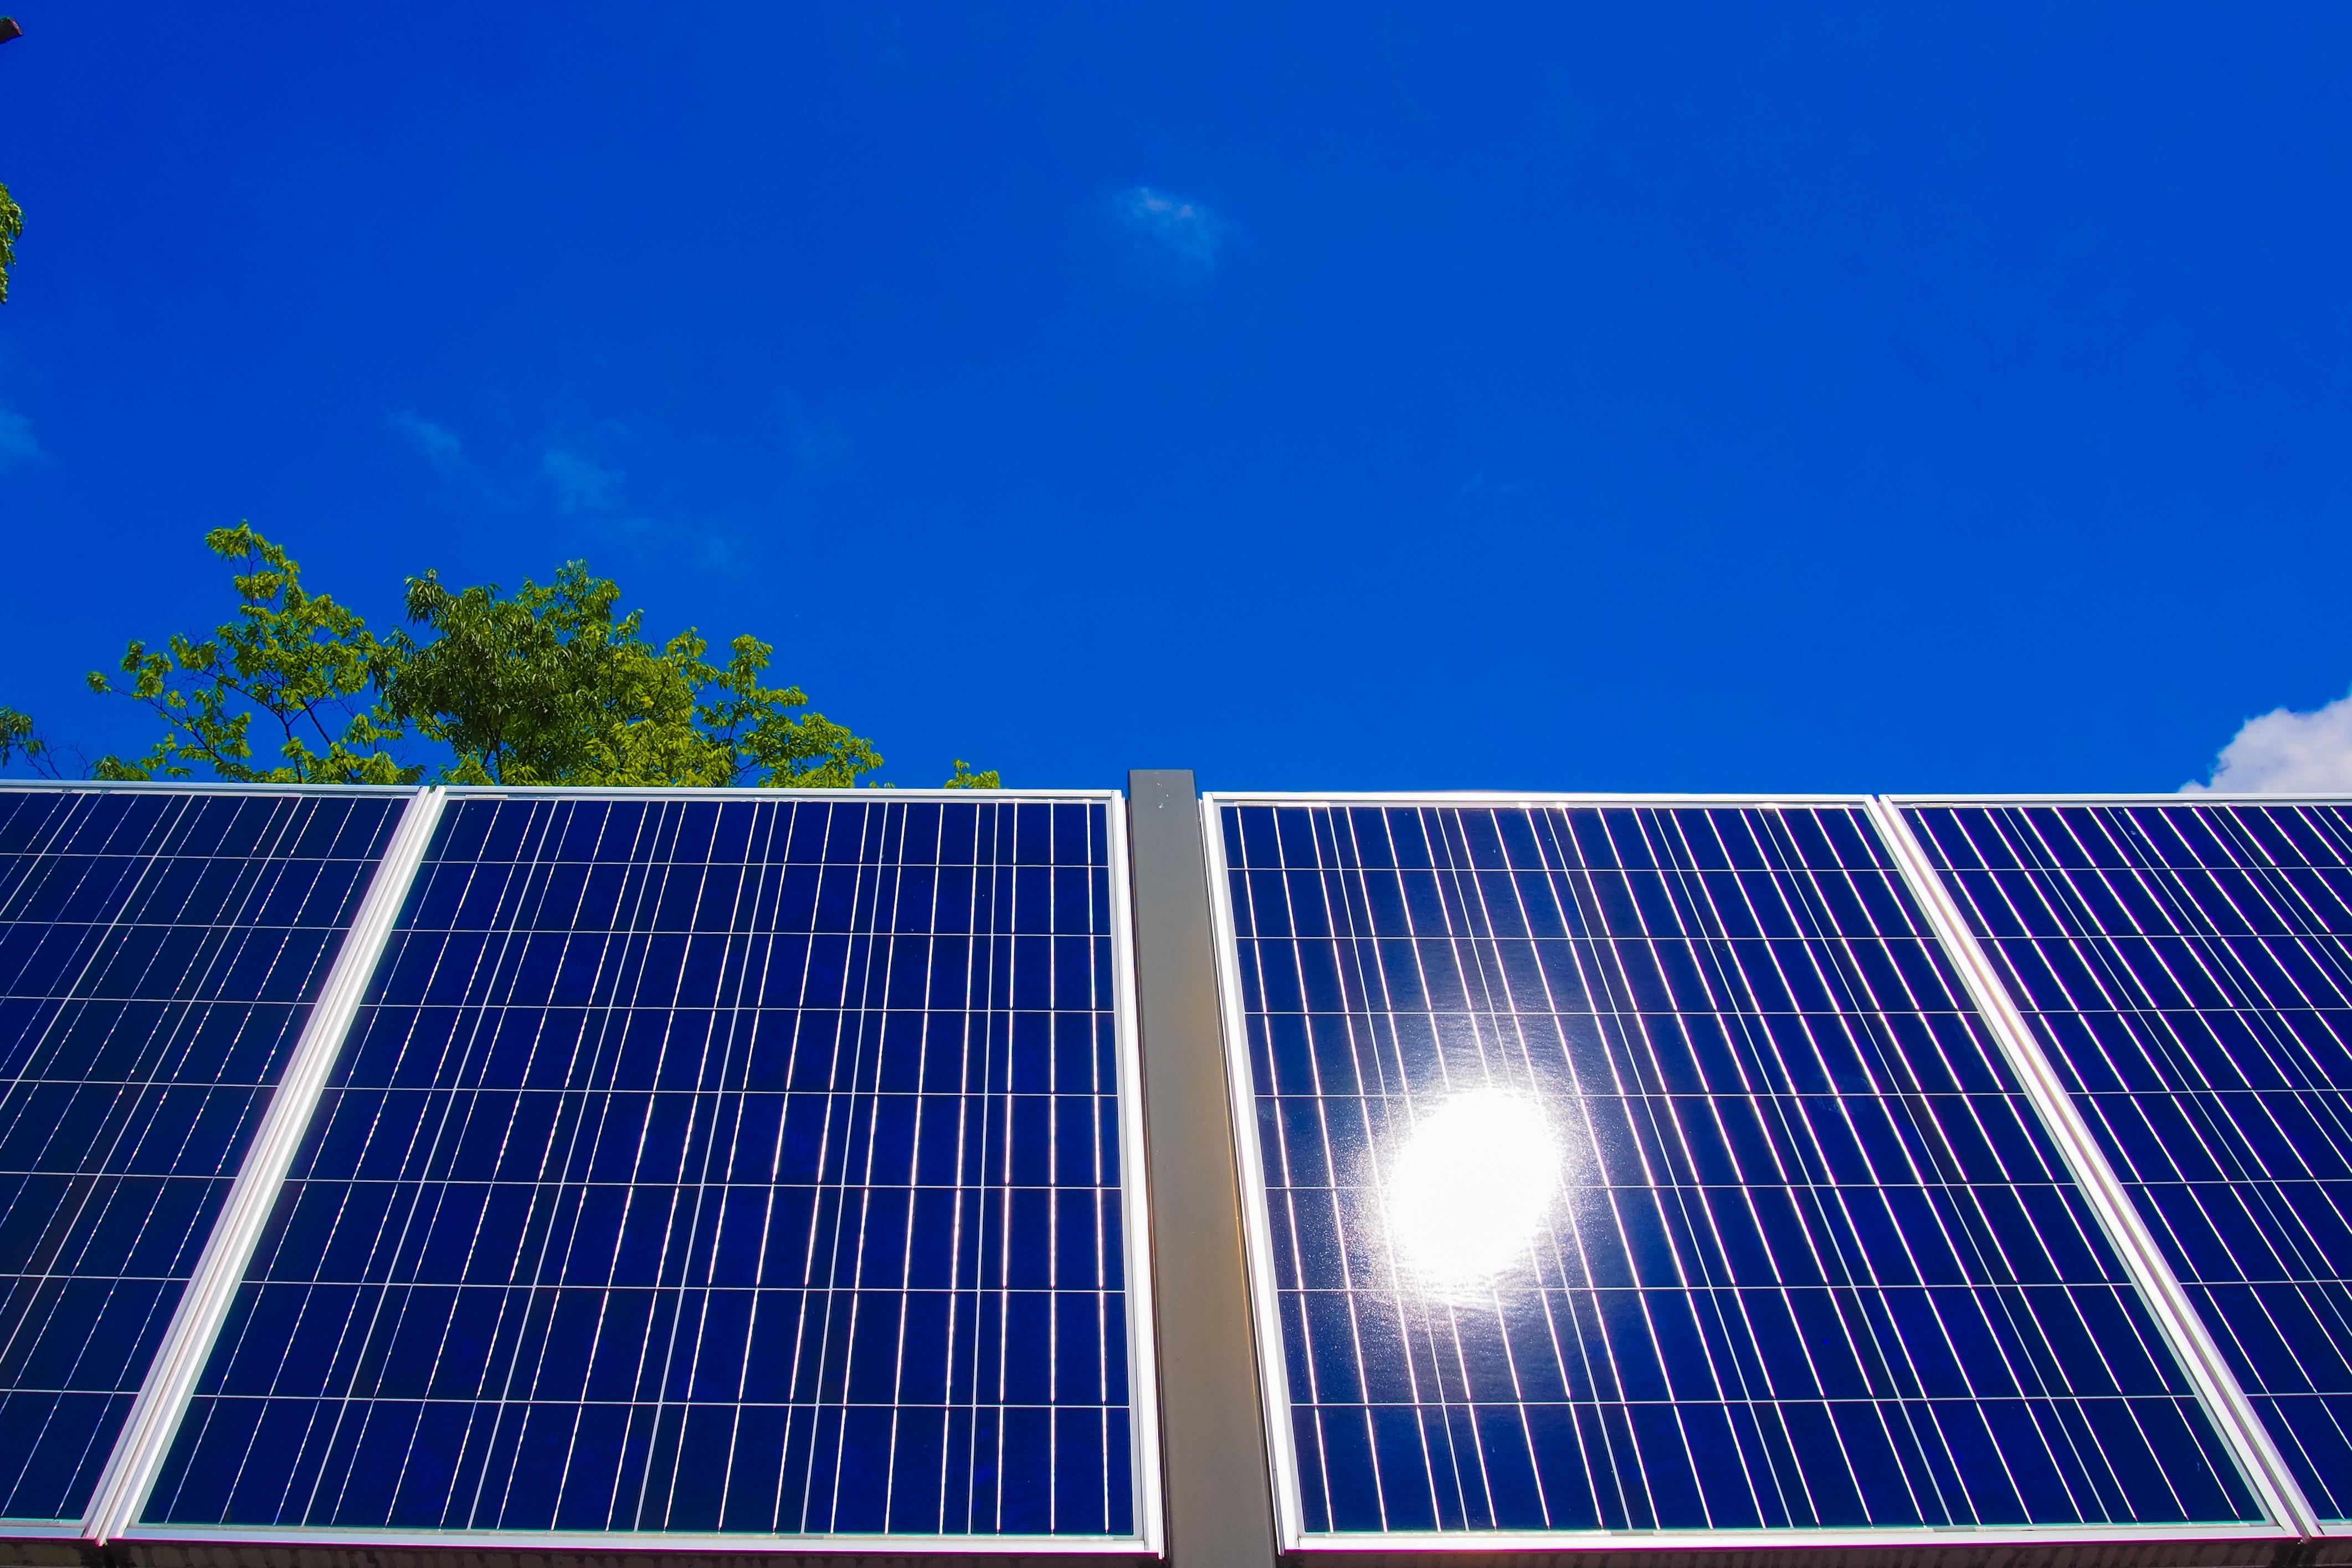 太陽光発電システムの電気代